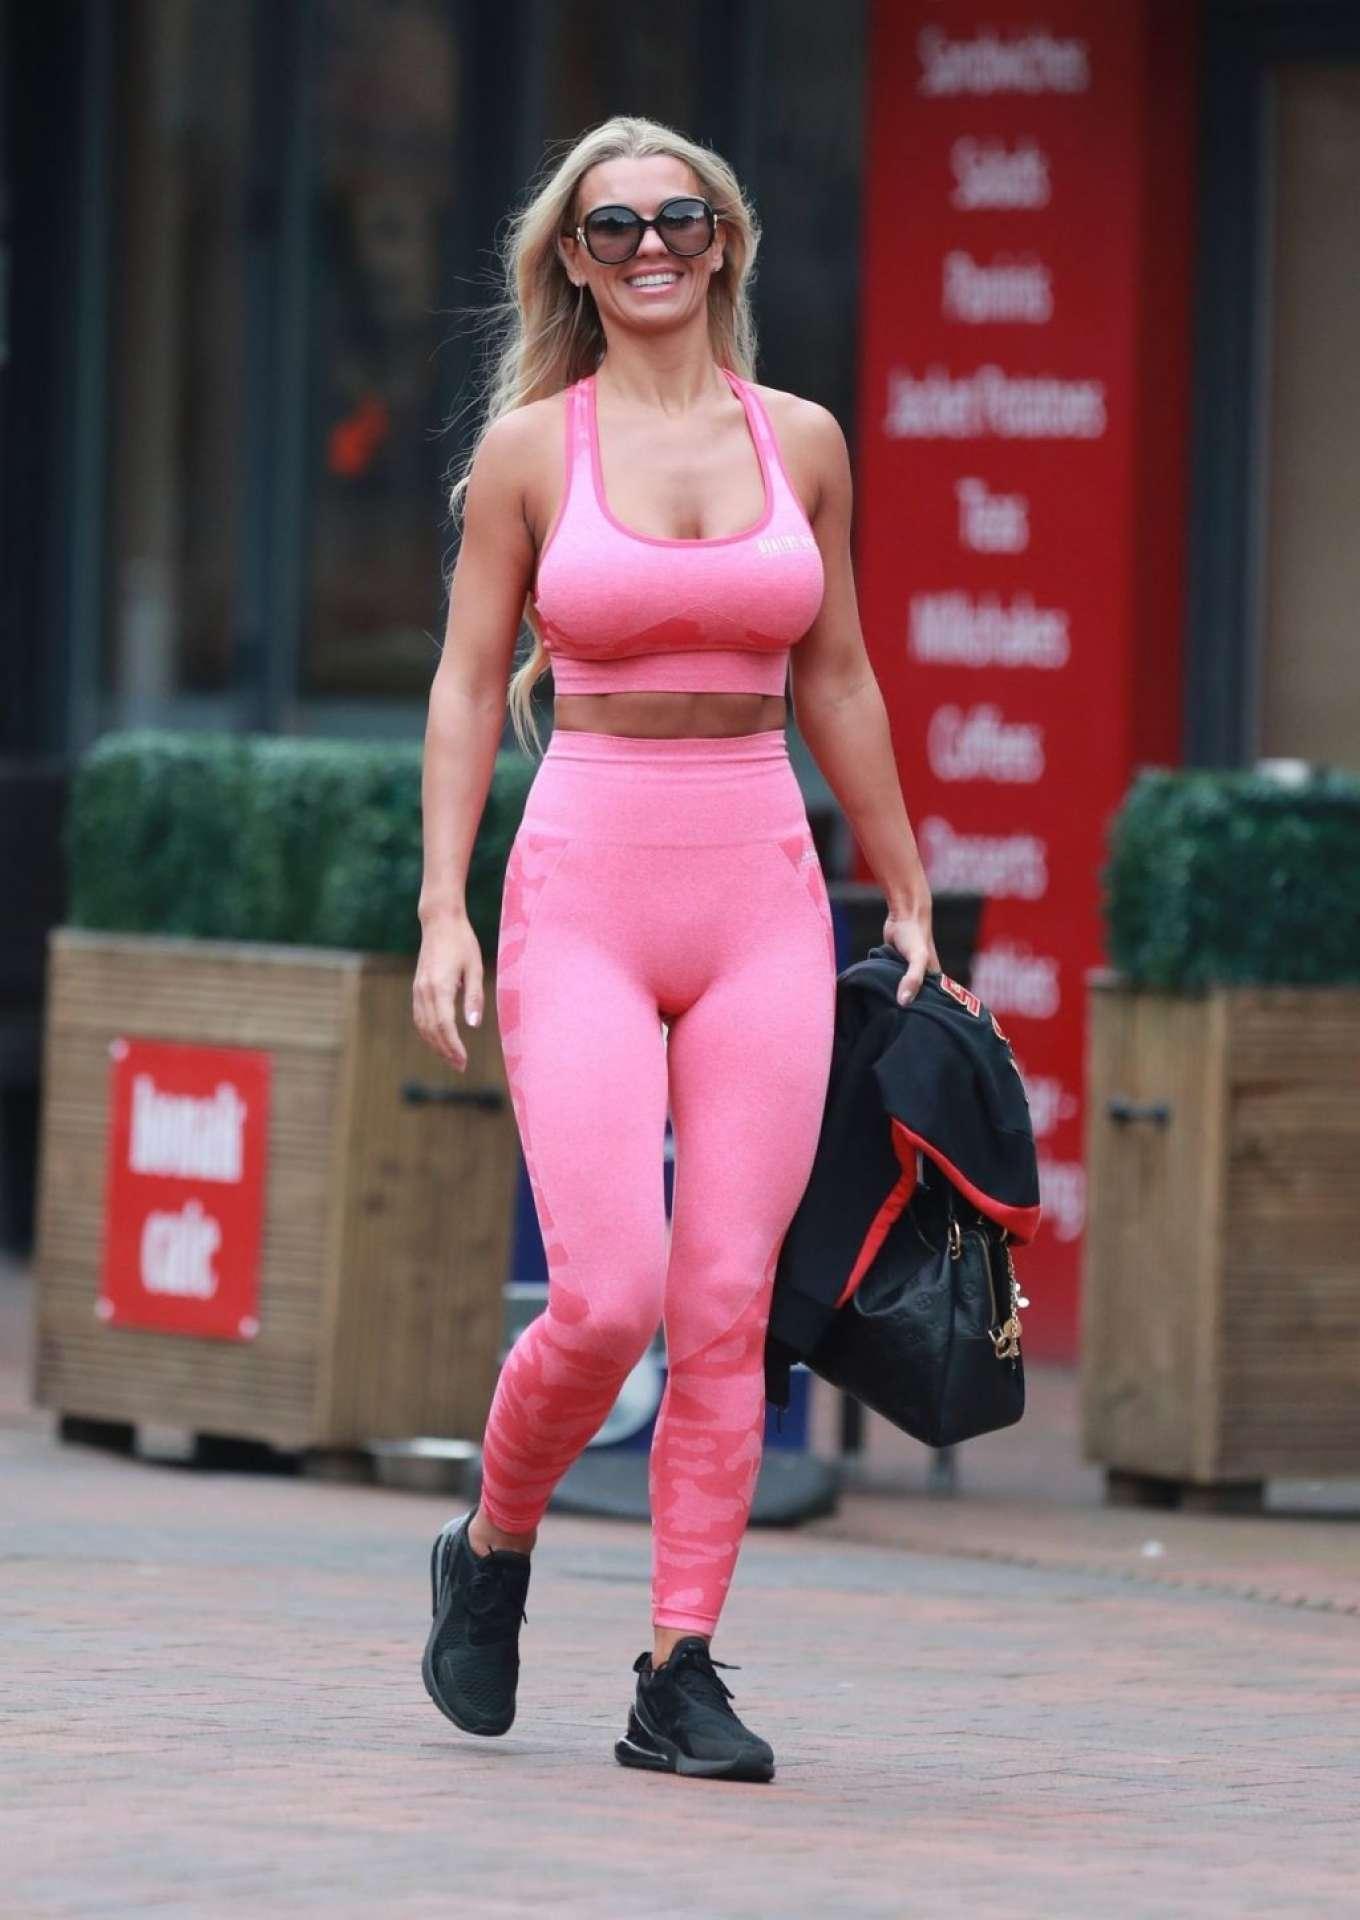 Christine McGuinness 2019 : Christine McGuinness in Pink Gym Wear-04